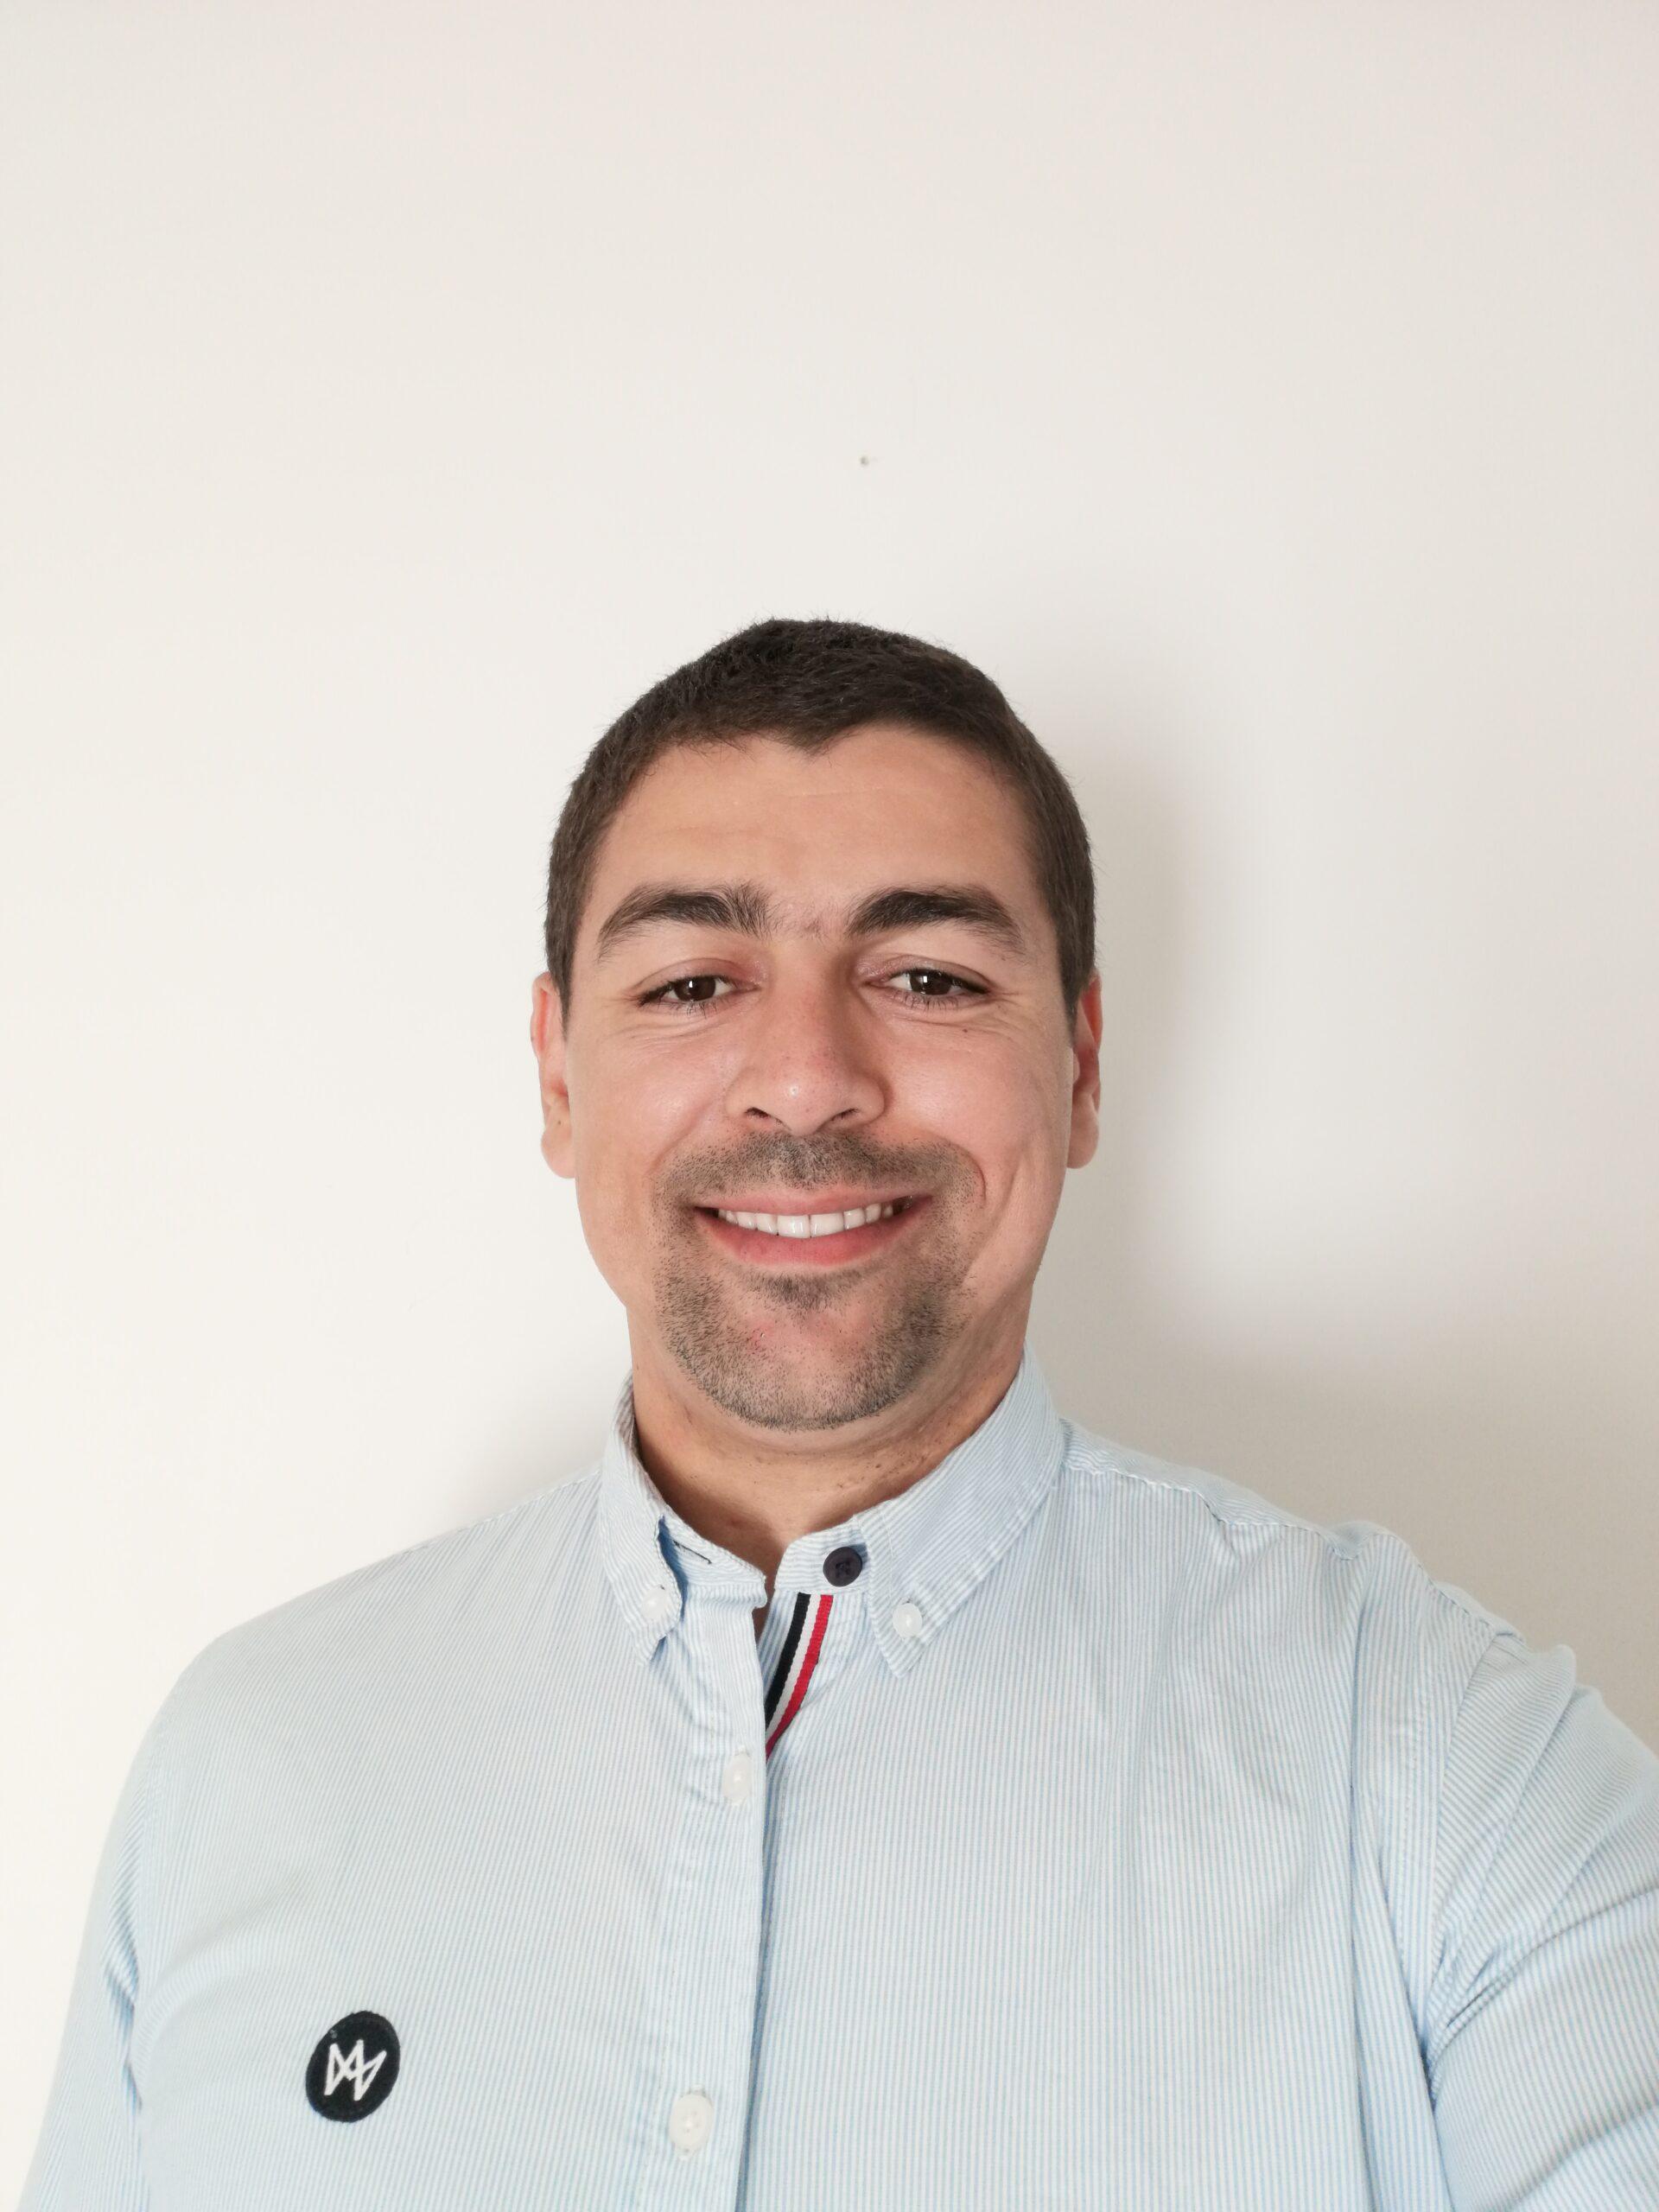 Karim El Kerch